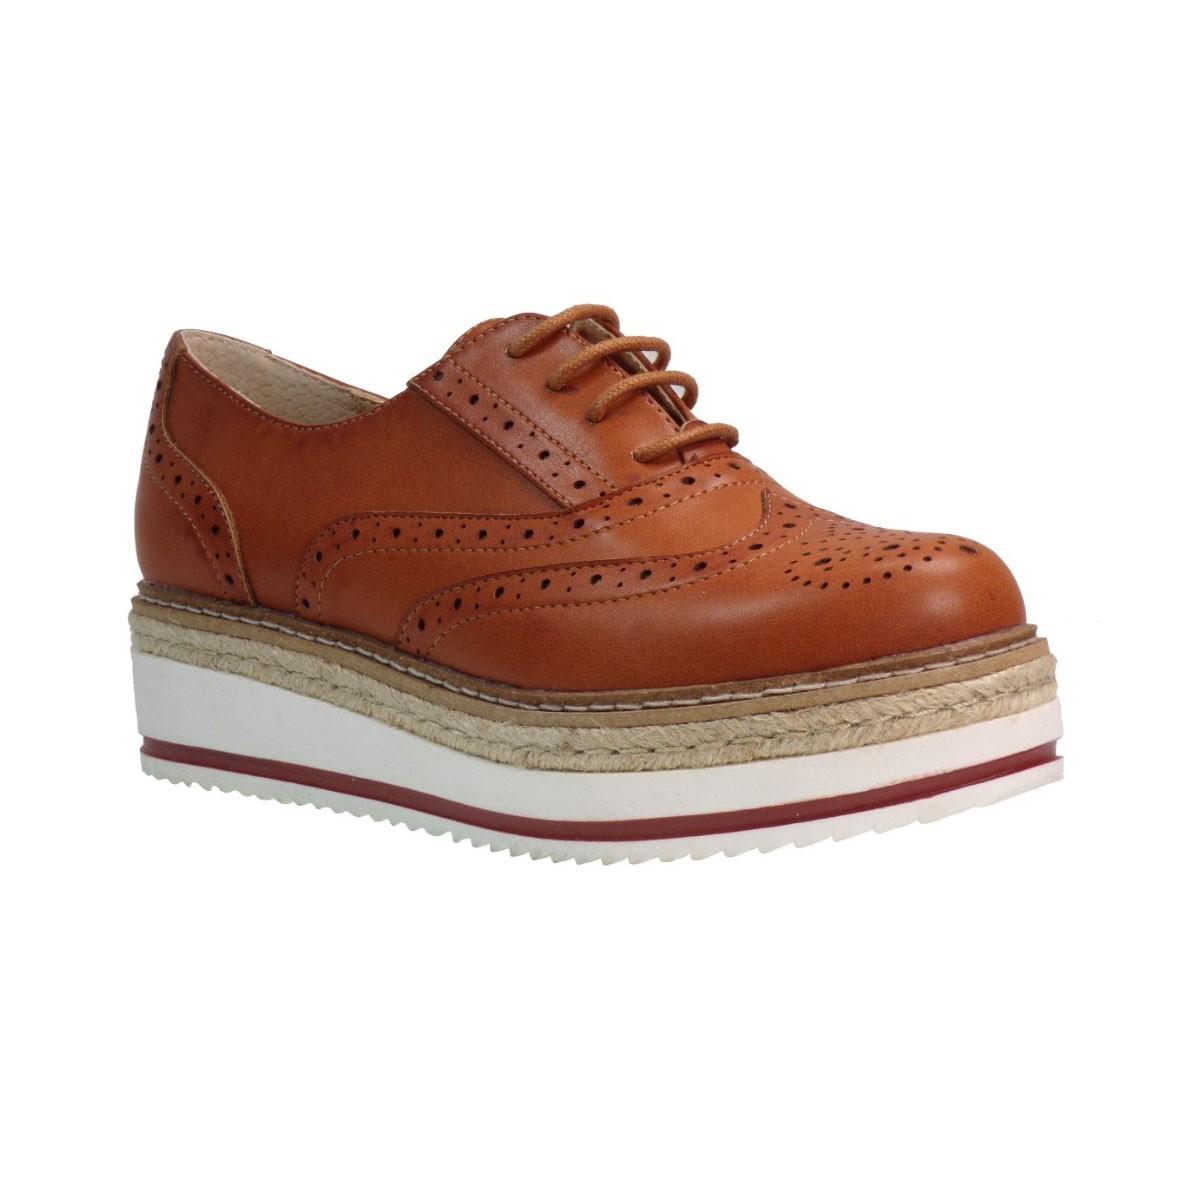 Exe Γυναικεία Παπούτσια Oxford BETTINA 717 Ταμπά Exe BETTINA 717 Ταμπά